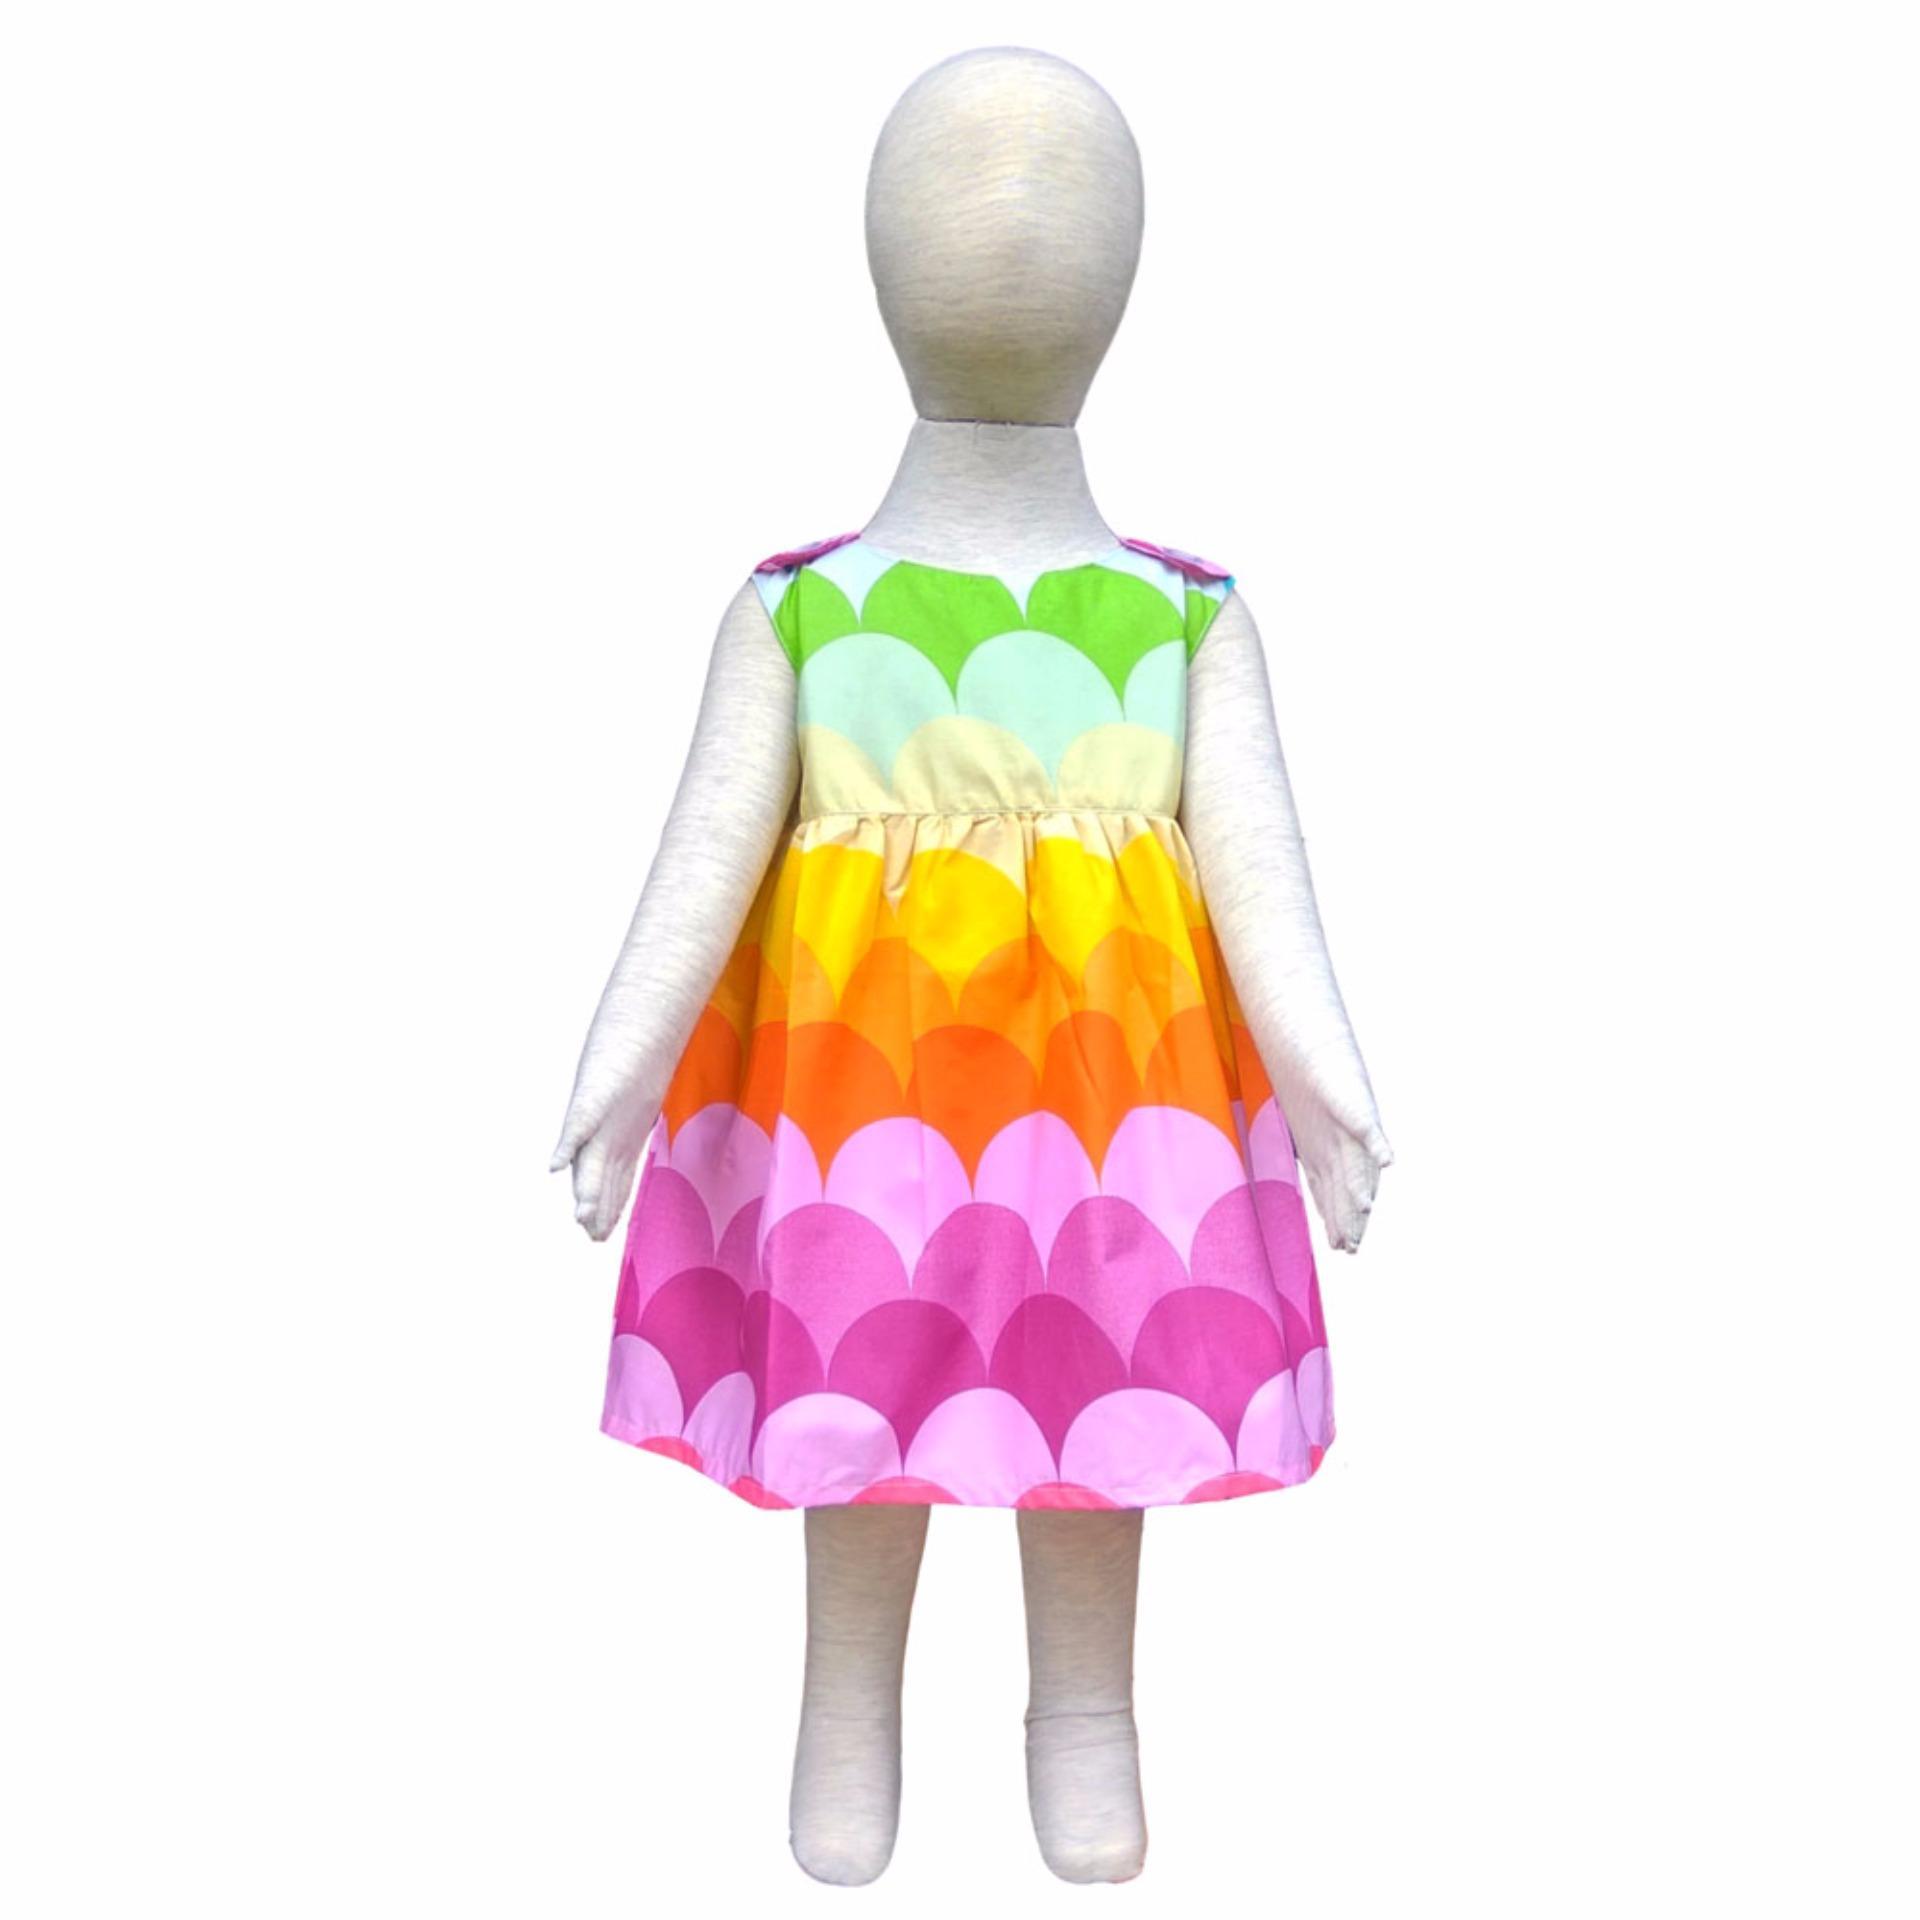 Grow Baju Gaun Harian Anak Simply ( Grow Gown Dress Clothes Simply Child ) Ombak